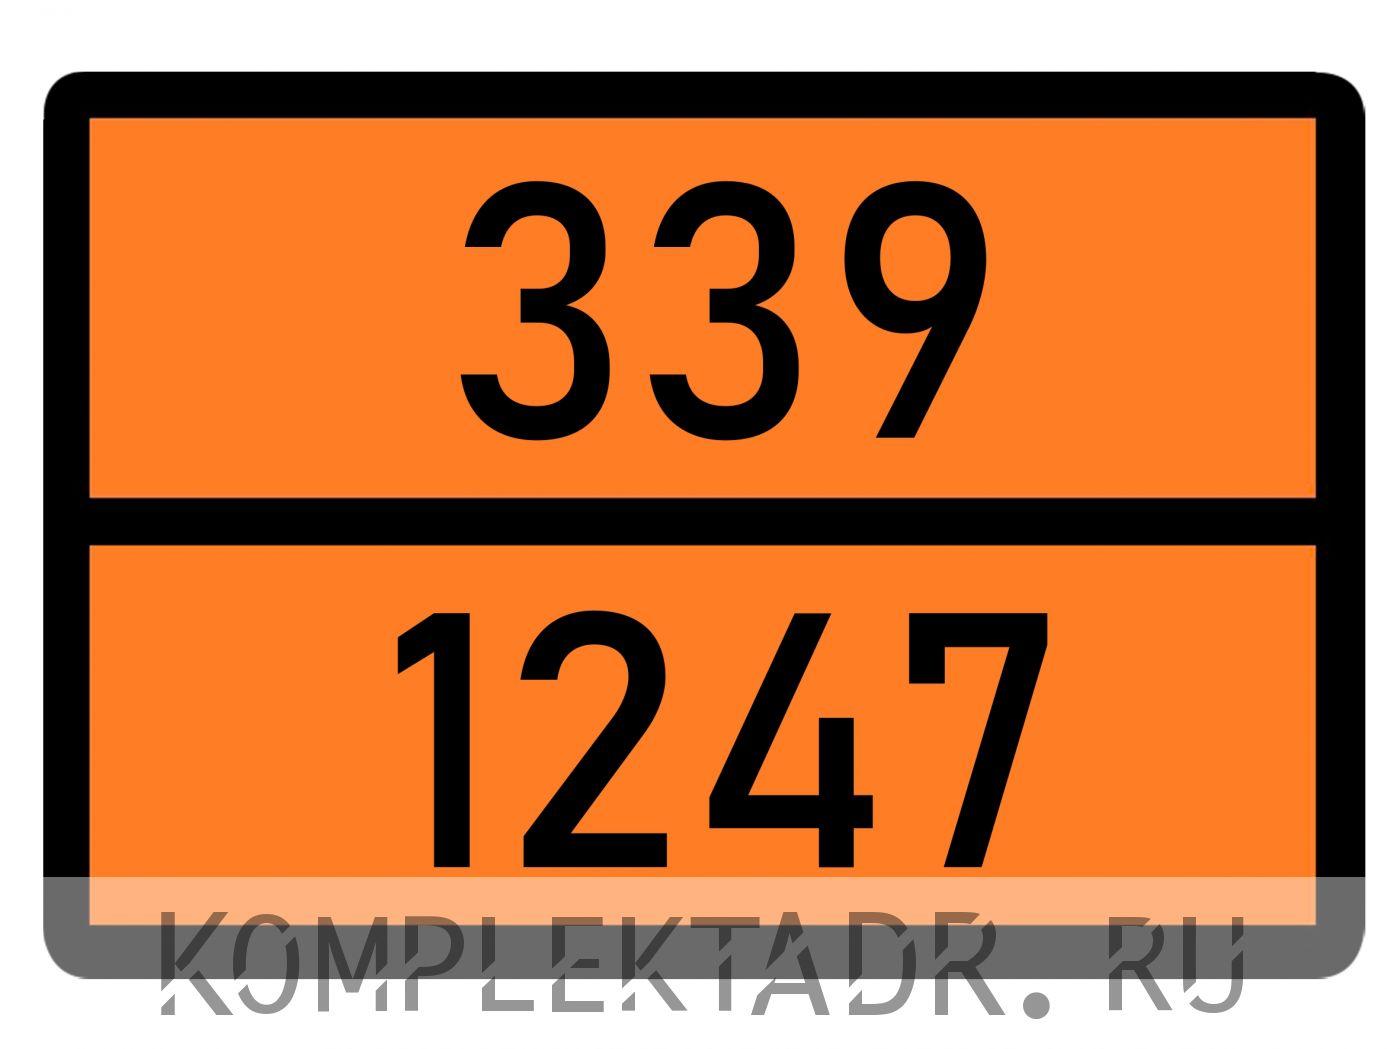 Табличка 339-1247